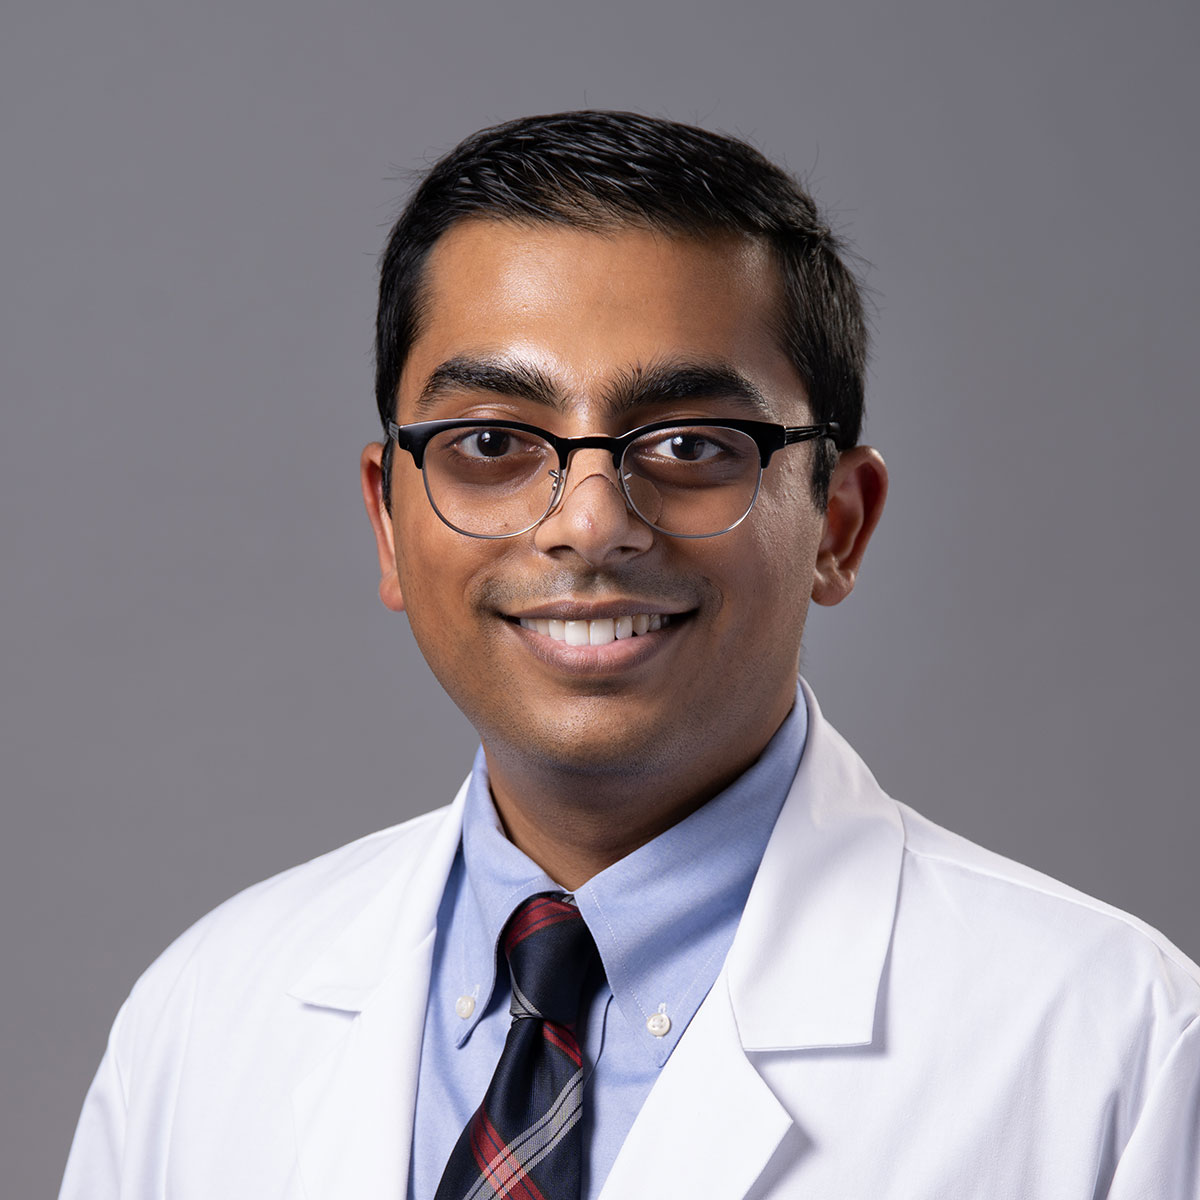 A friendly headshot of Dr. Parth Shah